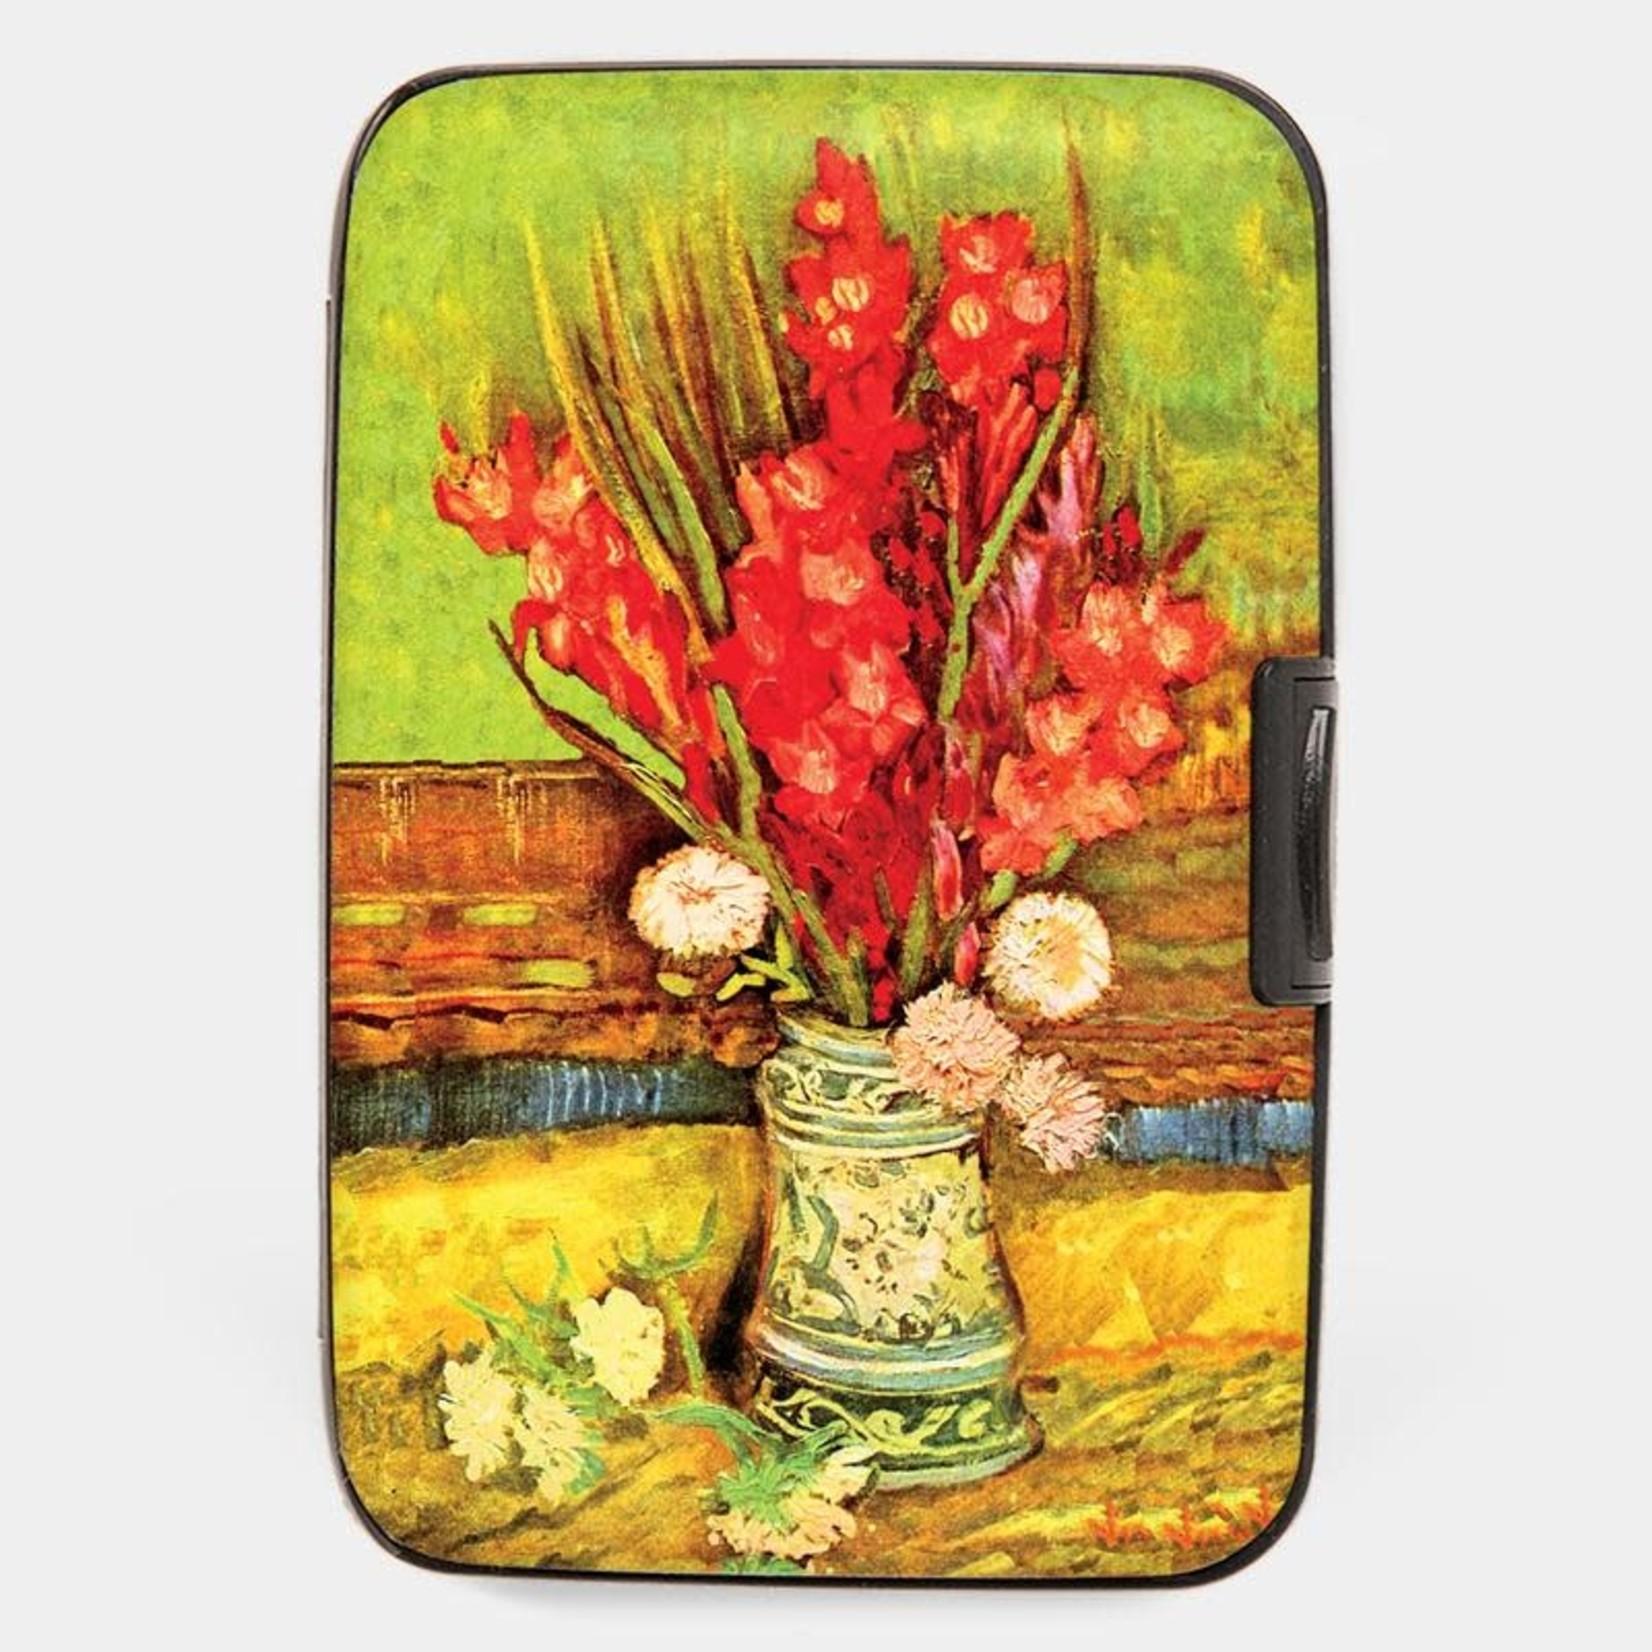 Monarque Armored Wallet - Van Gogh - Red Gladioli